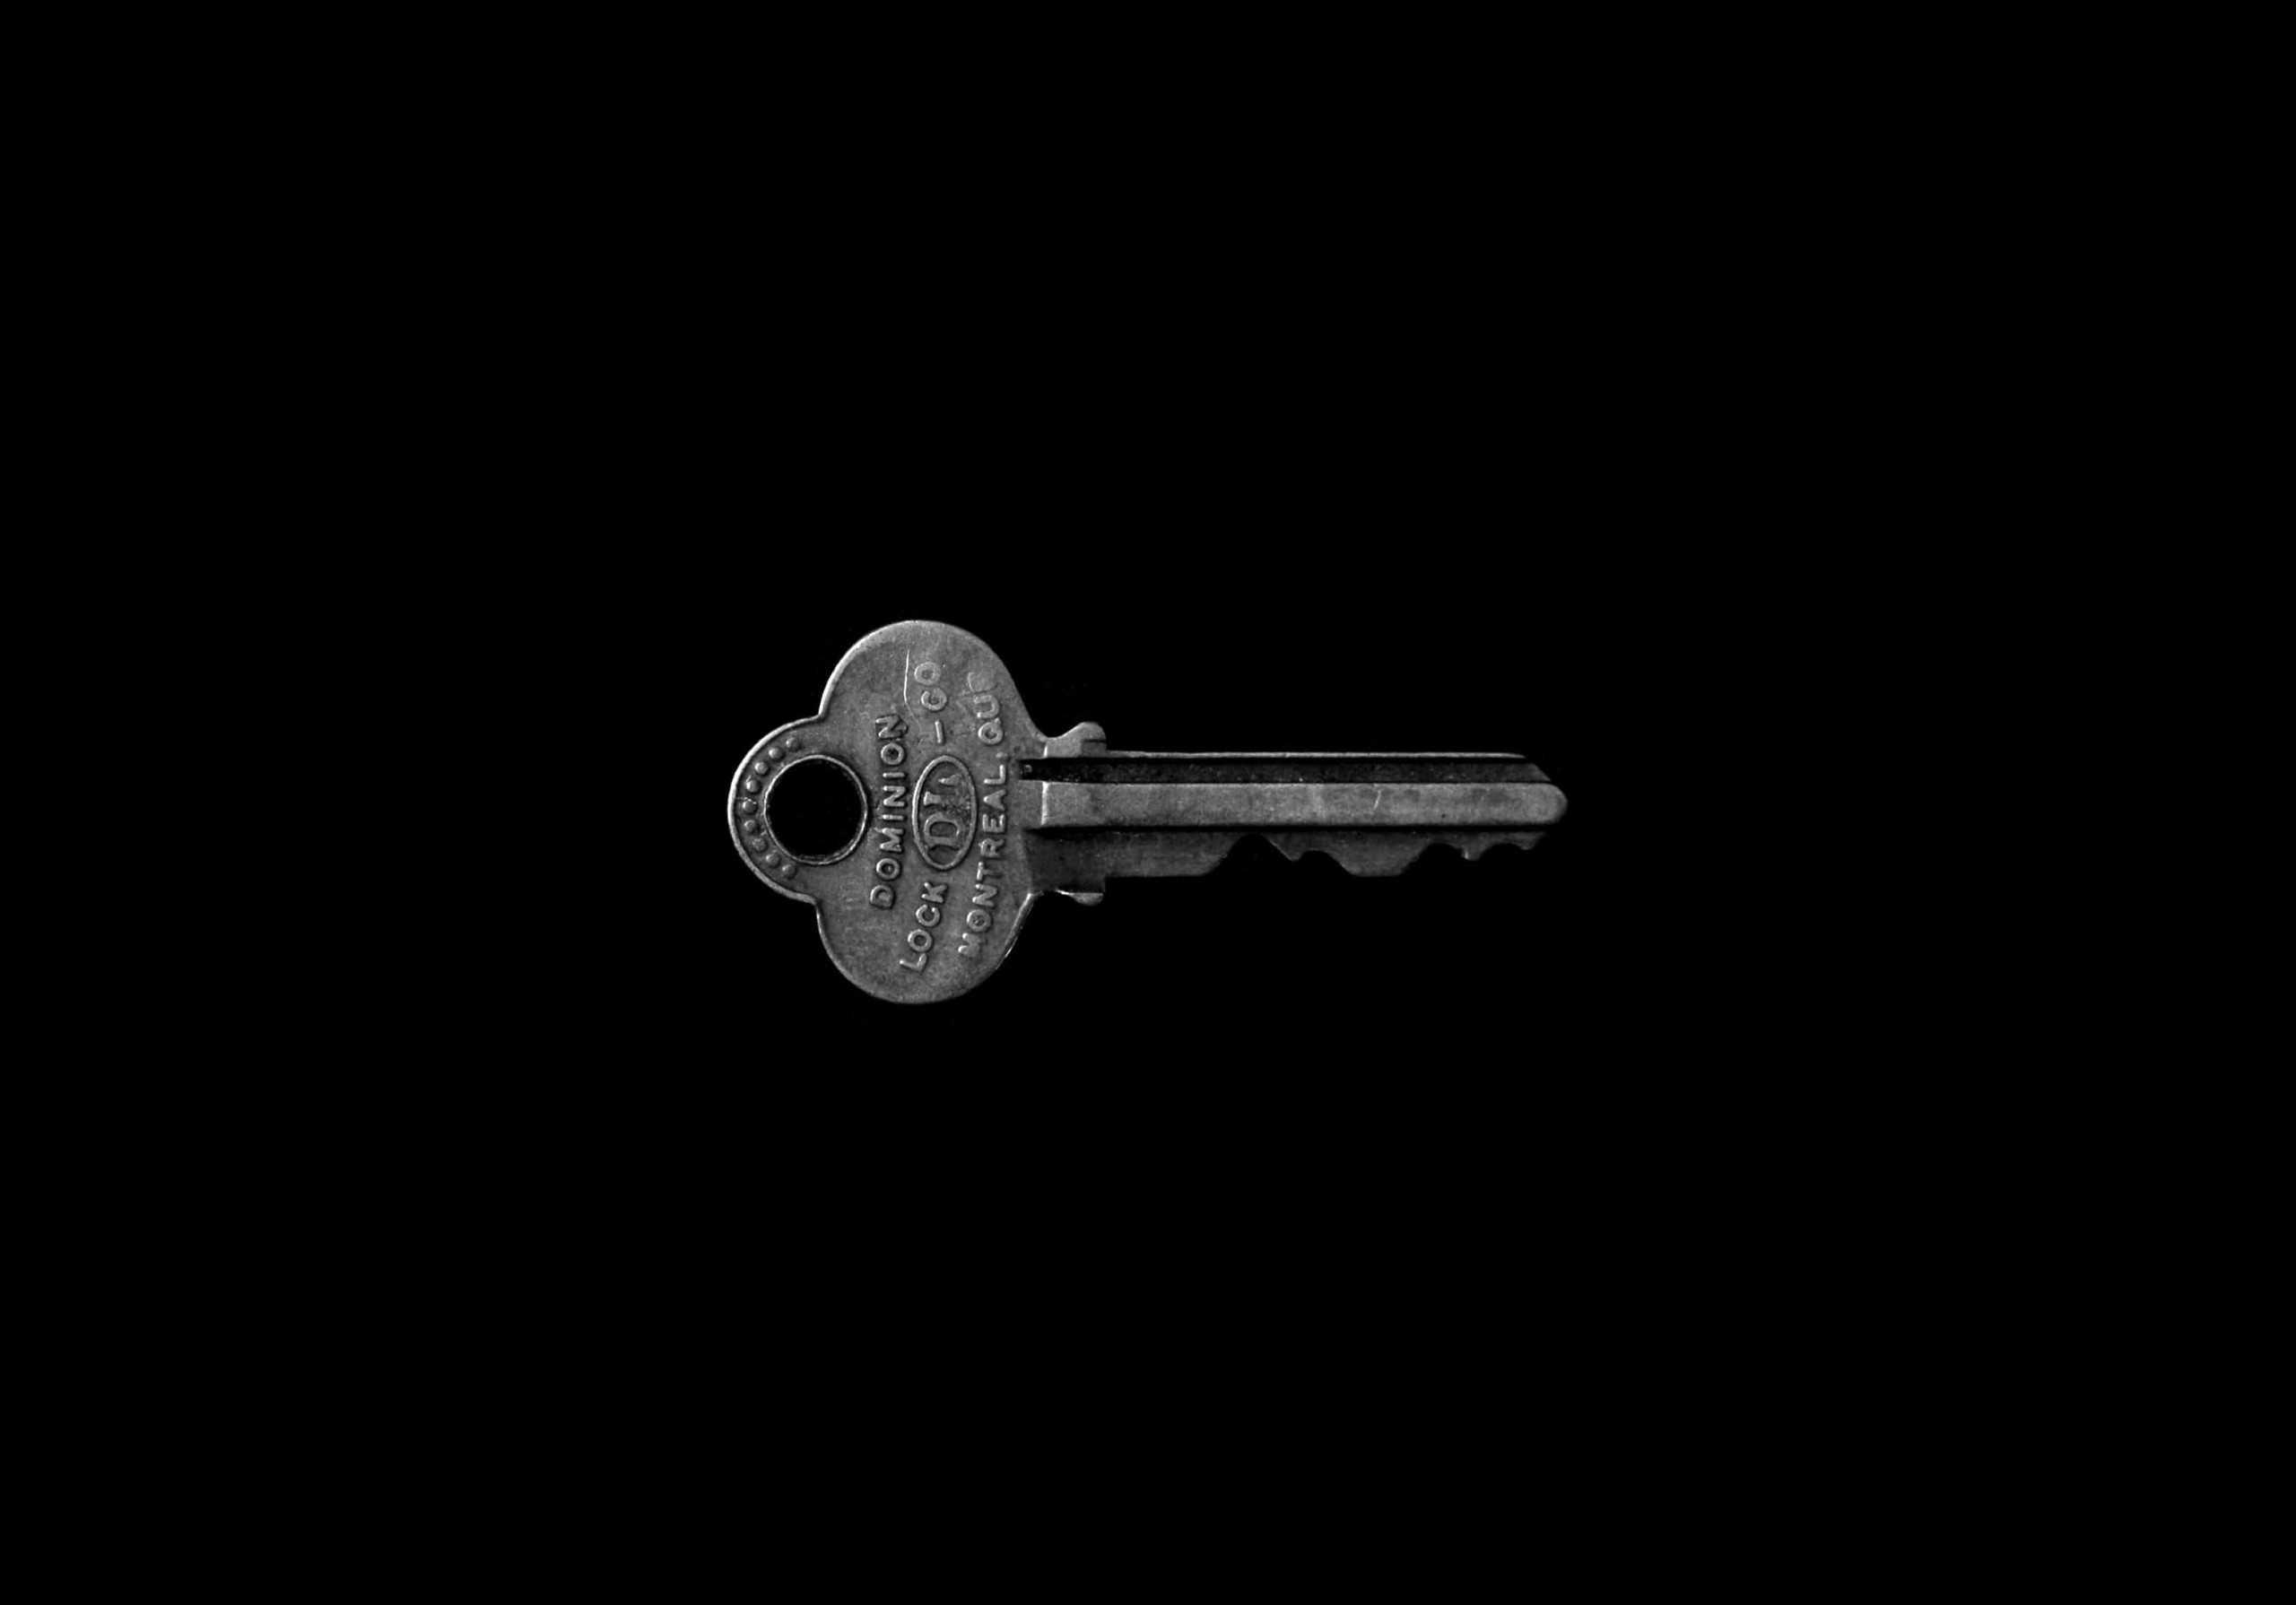 Best EFS Alternative for Encrypting Sensitive Files Transparently